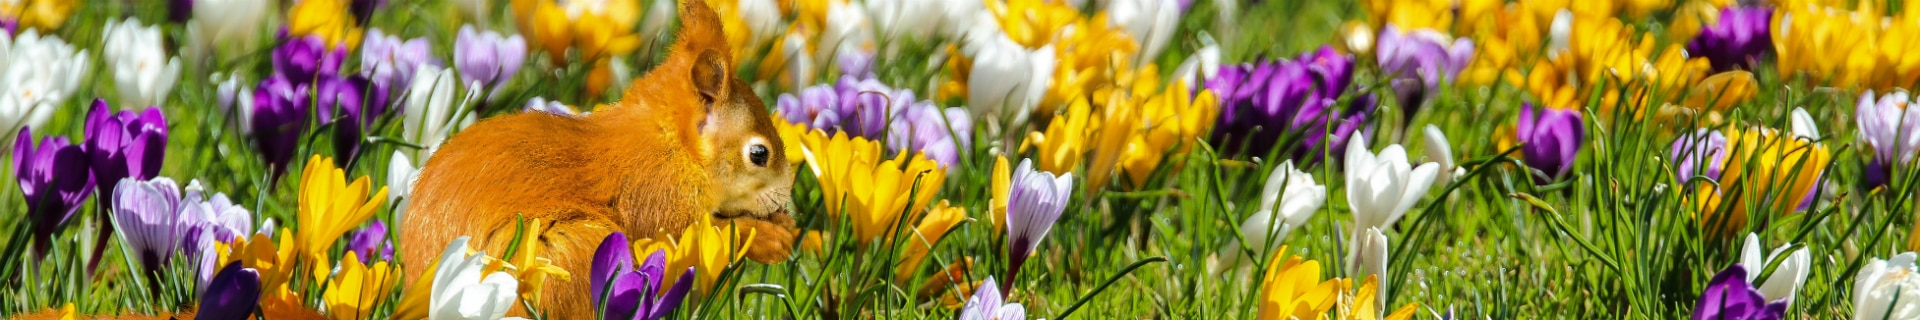 Wat Te Doen Met Pasen Suncamp Holidays Blog De Leukste